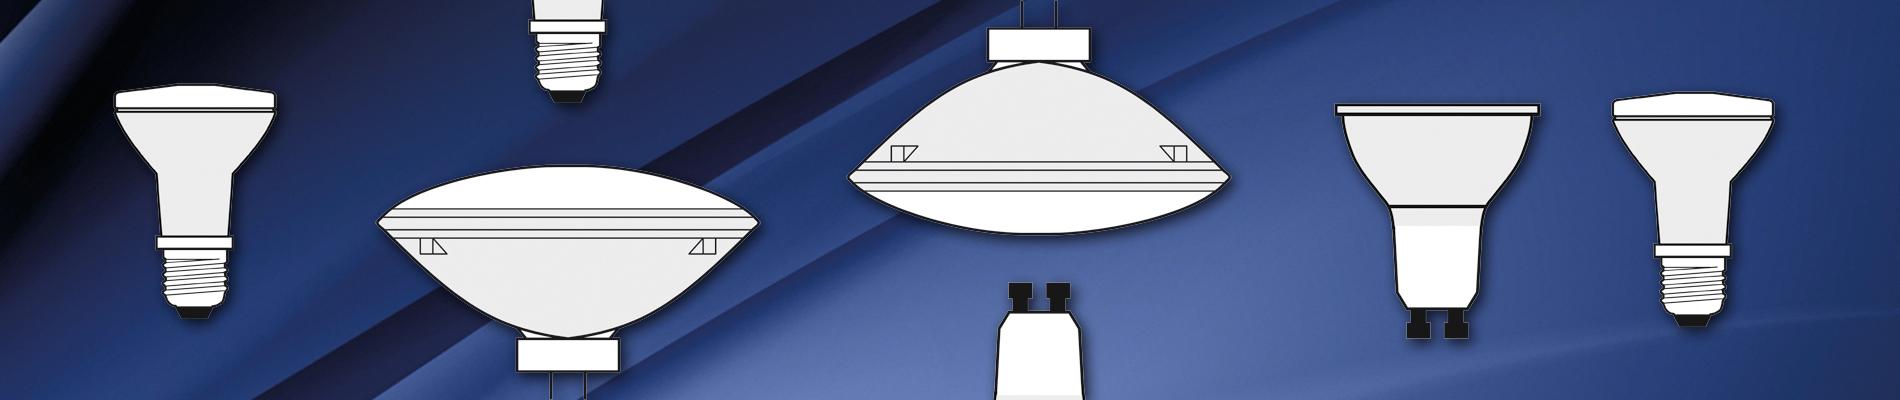 PAR-Lampen